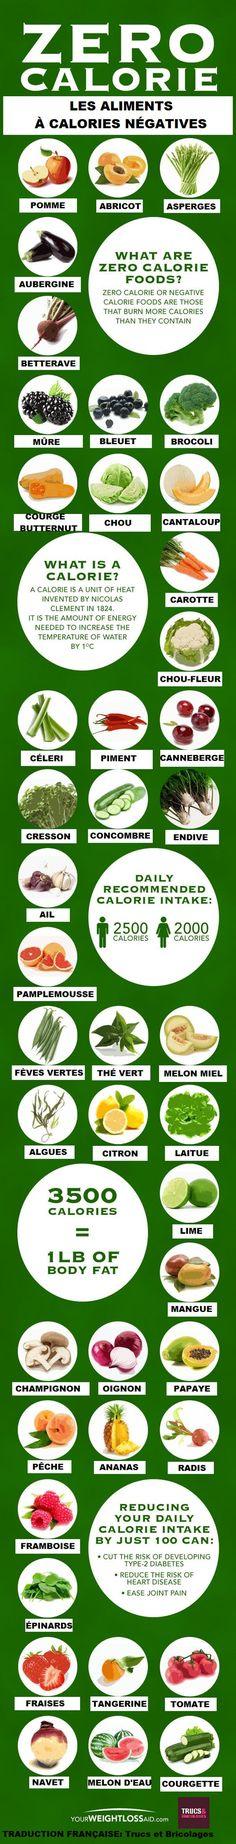 Aujourd'hui, on a pensé à tous ceux qui ont pris des résolutions 2015 pourperdre du poids ou être plus en santé. On a un truc génial pour vous: intégrer davantage les aliments à calories négatives àvotre alimentation! Les aliments à calories négati: